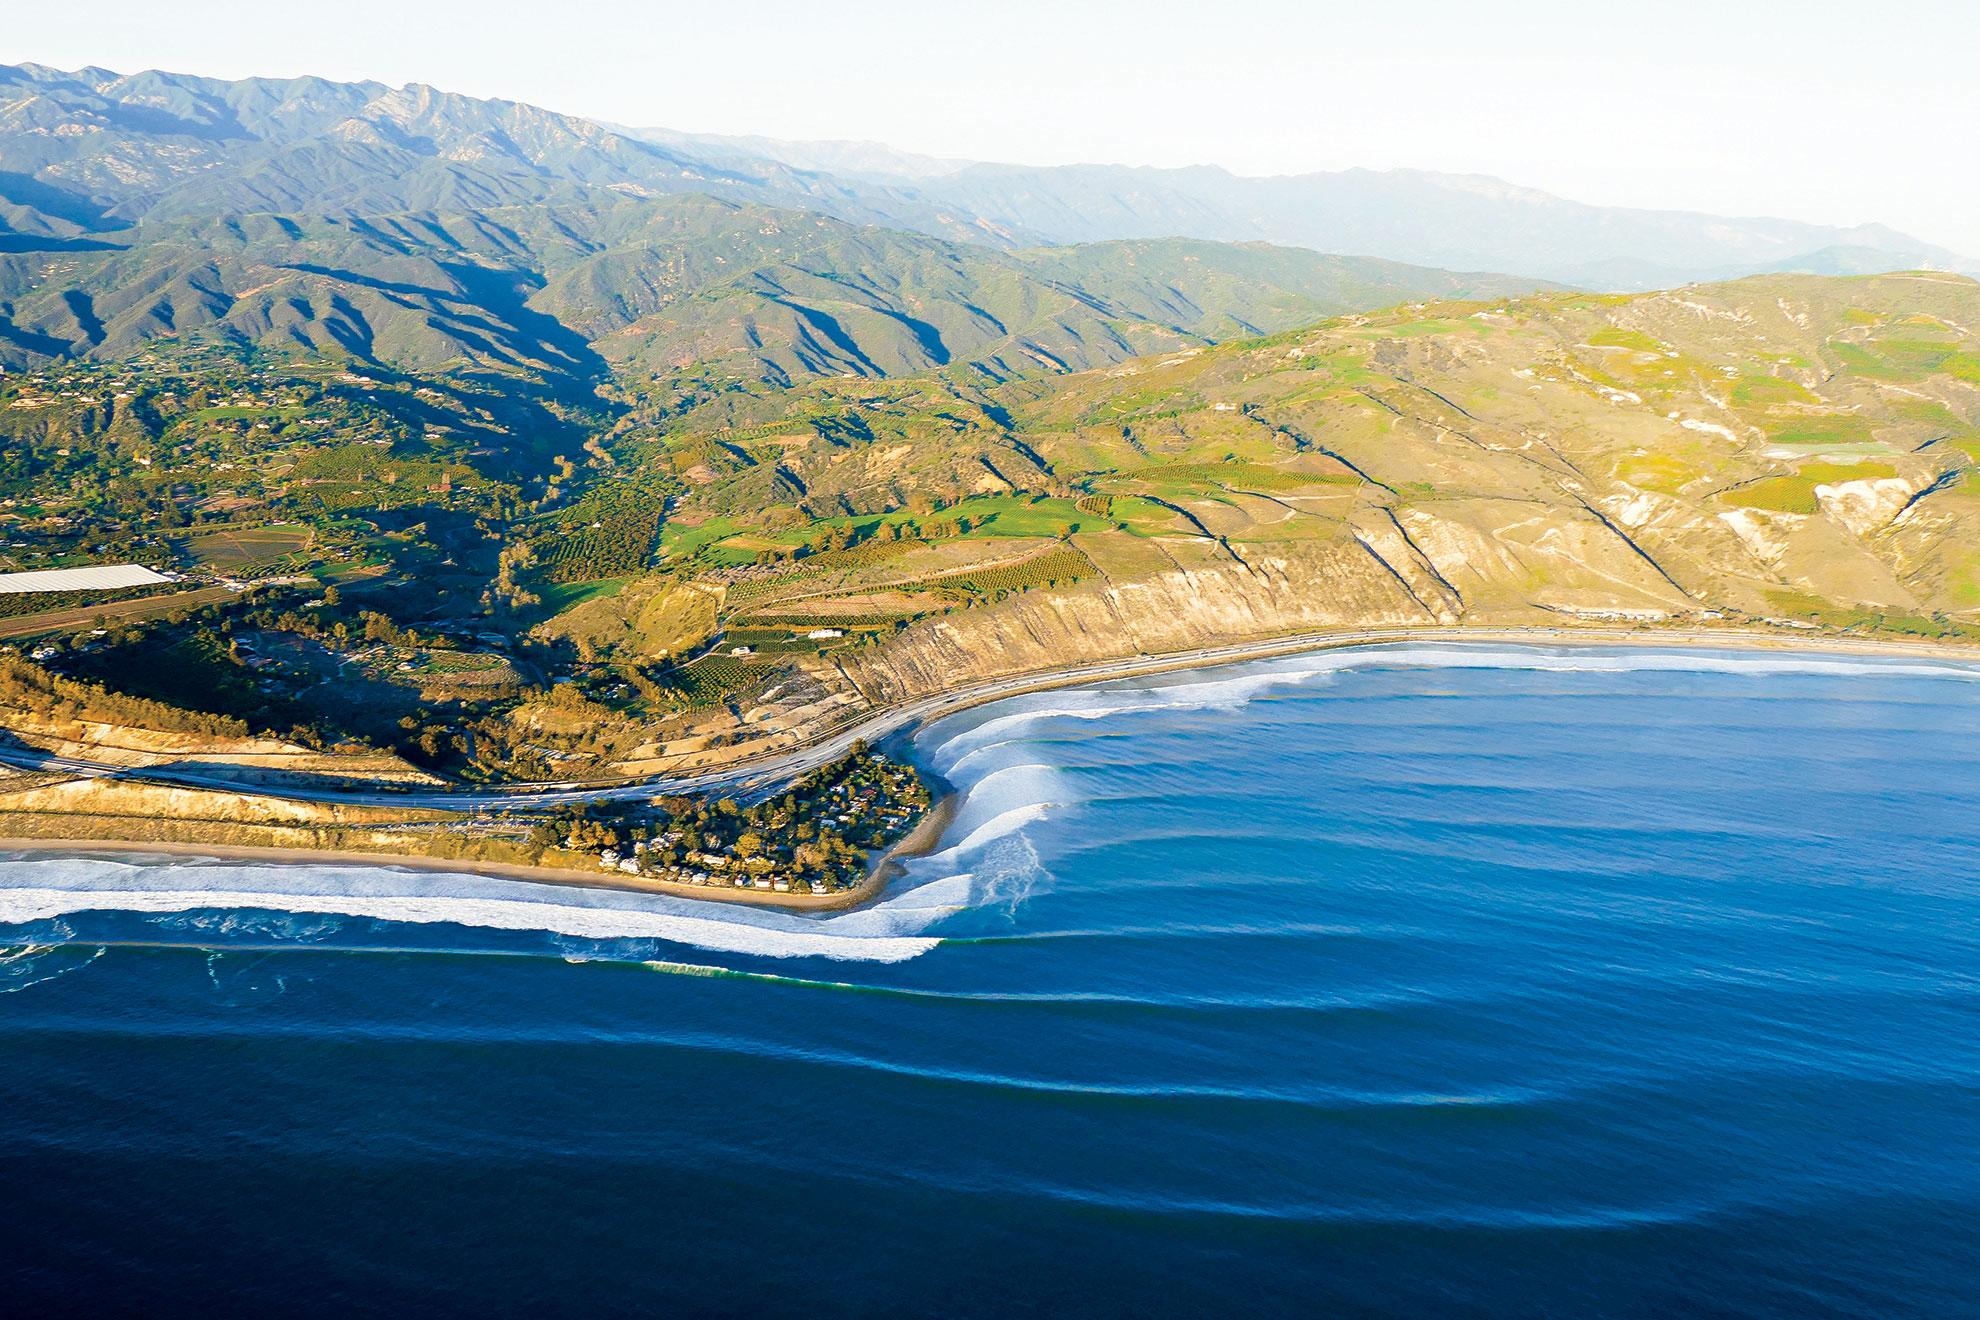 California - United States